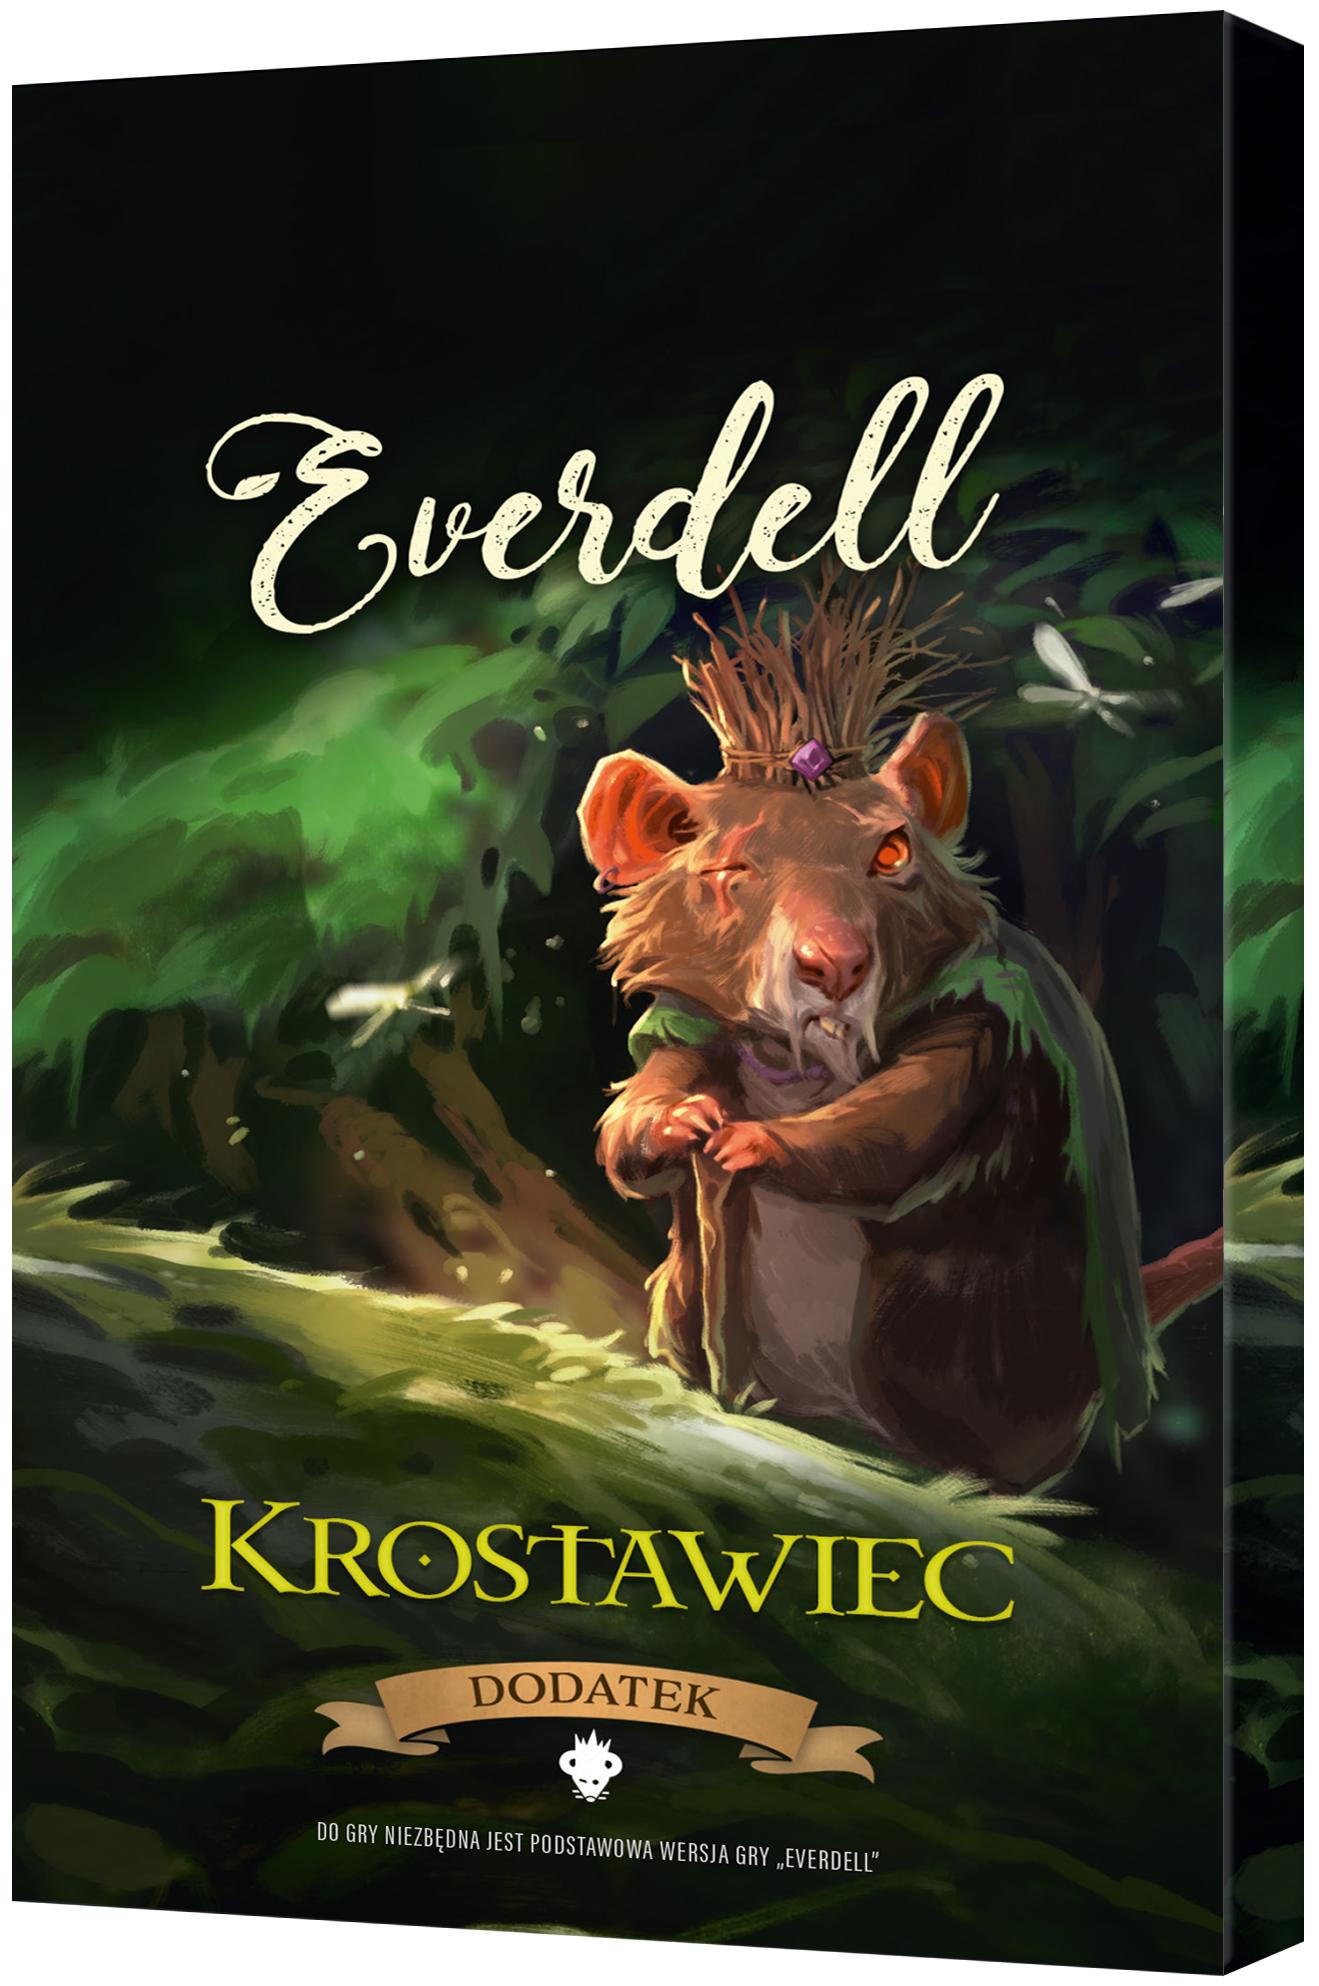 Everdell: Krostawiec (Gra planszowa)